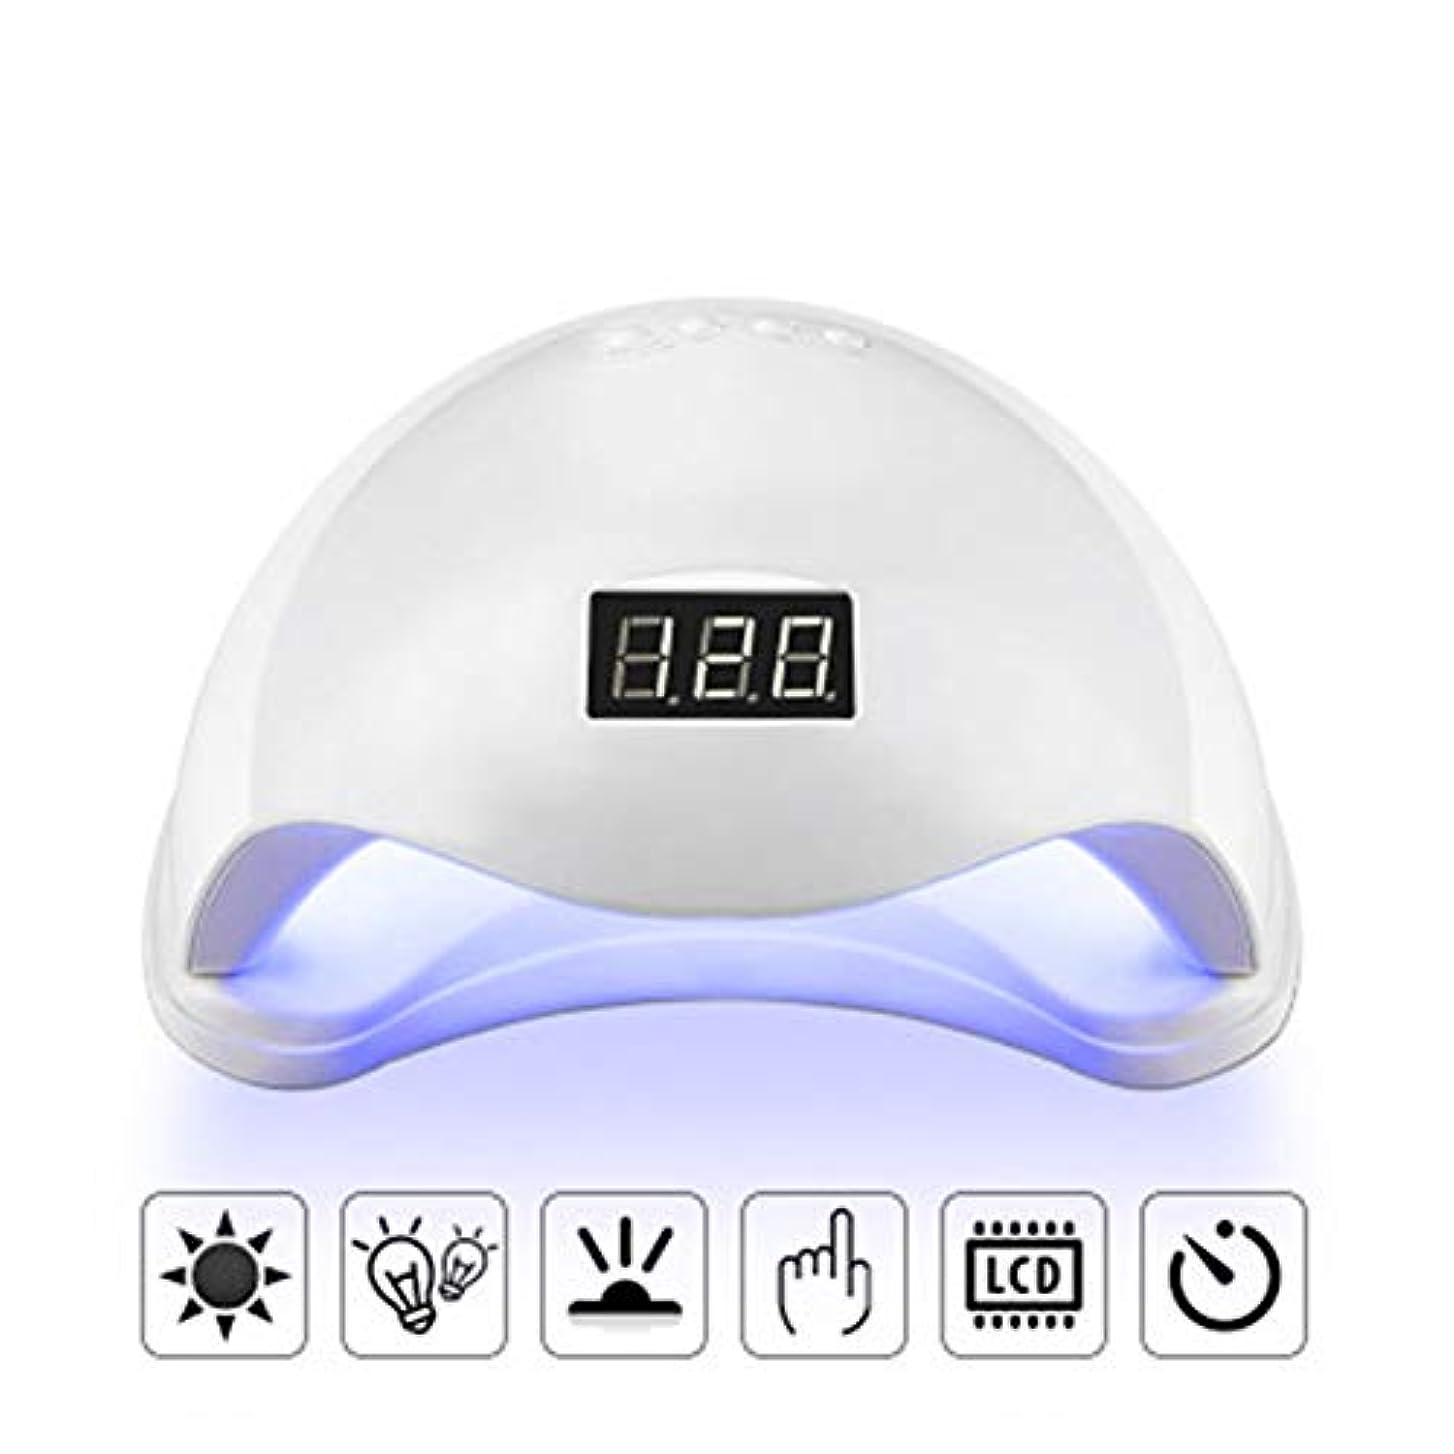 禁止する不適当ガチョウ48W LED UVランプネイルドライヤー24 LEDプロフェッショナル用ゲルポリッシュ10/30/60 / 99sタイマー自動センサーネイルアートマシン